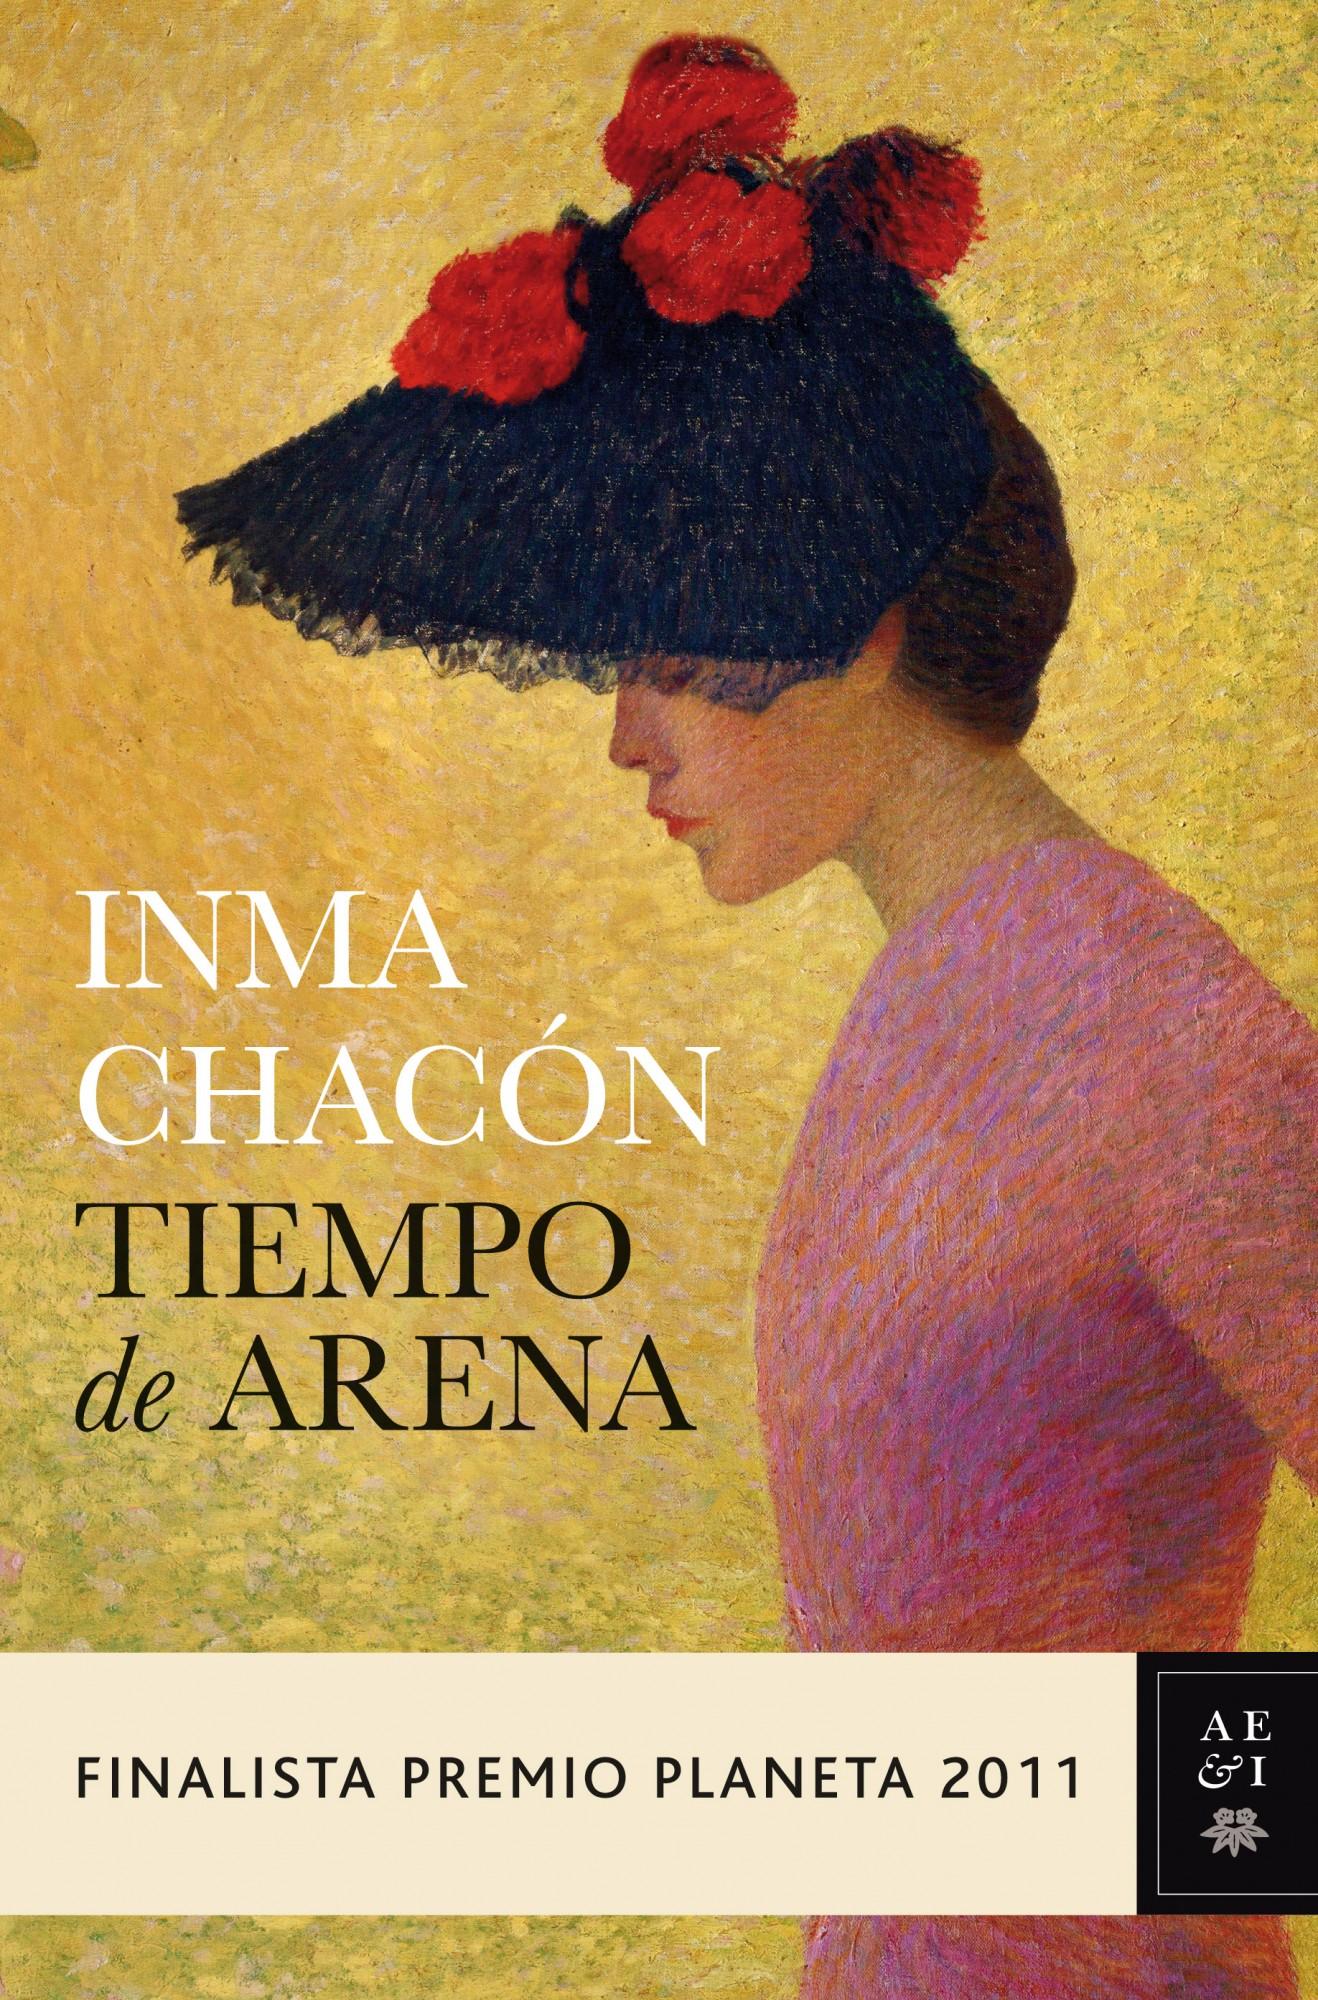 Image of Tiempo de arena